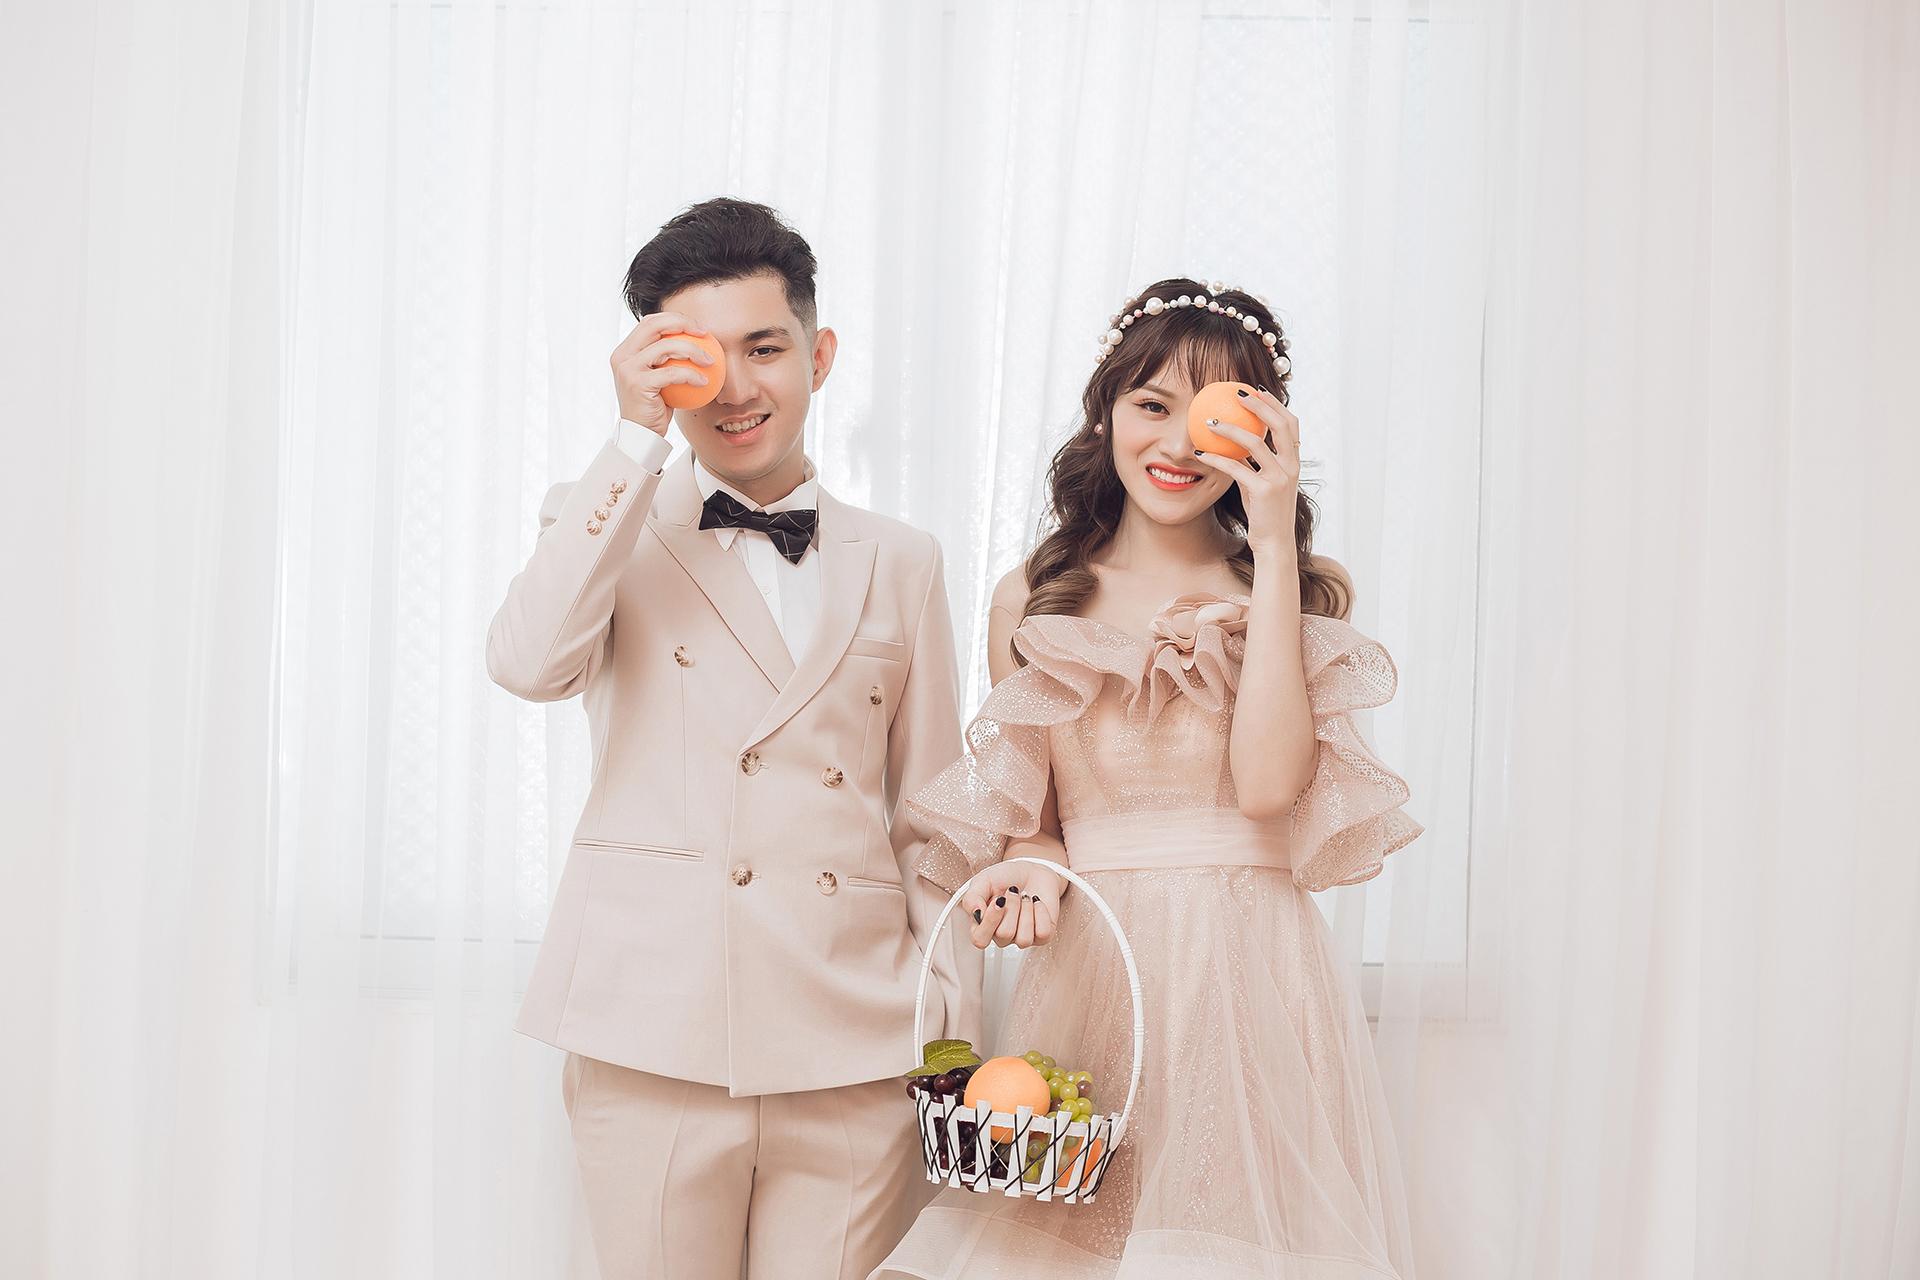 Bảng giá trọn gói chụp hình cưới studio Hàn Quốc đẹp